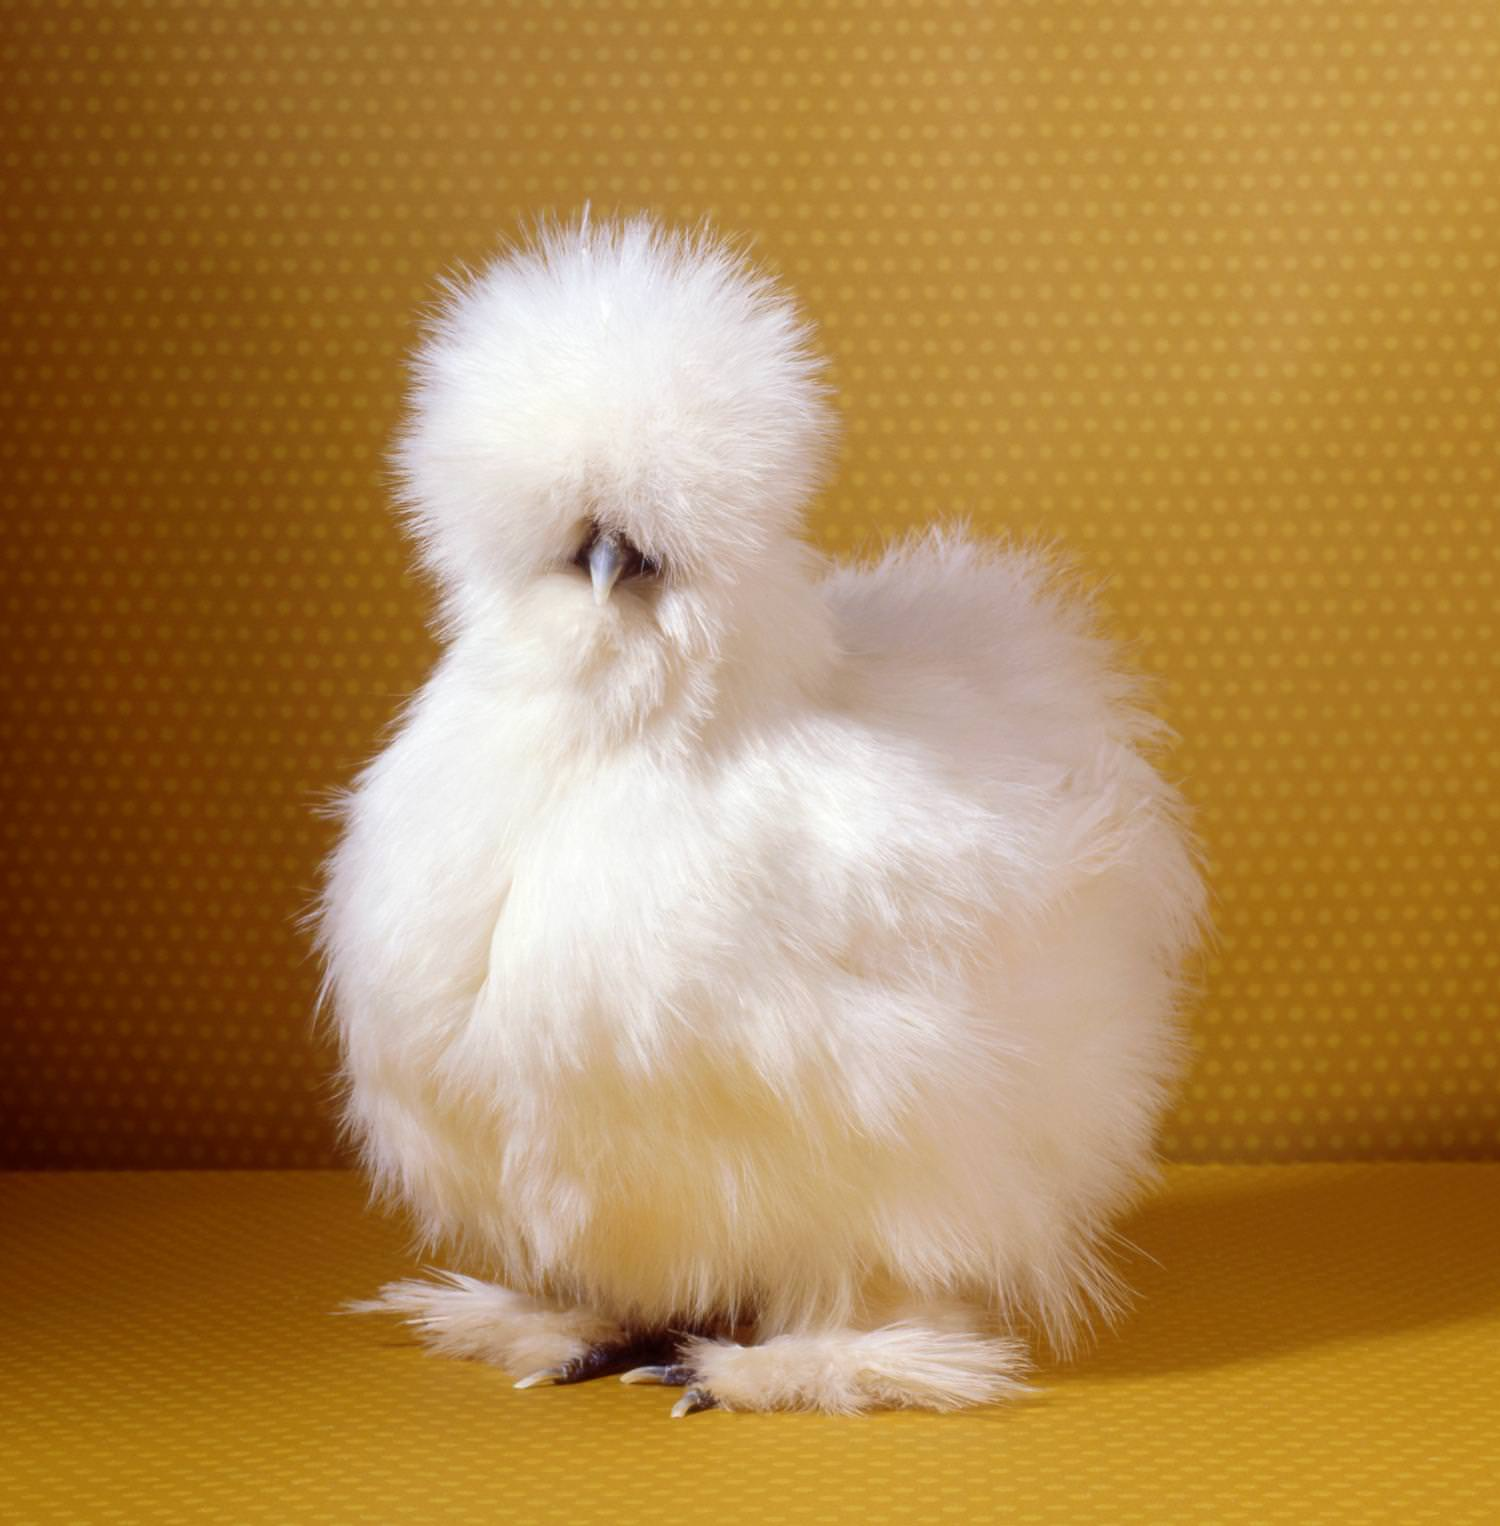 tamara-staples-pretty-chicken-fancy-white-silkie.jpg